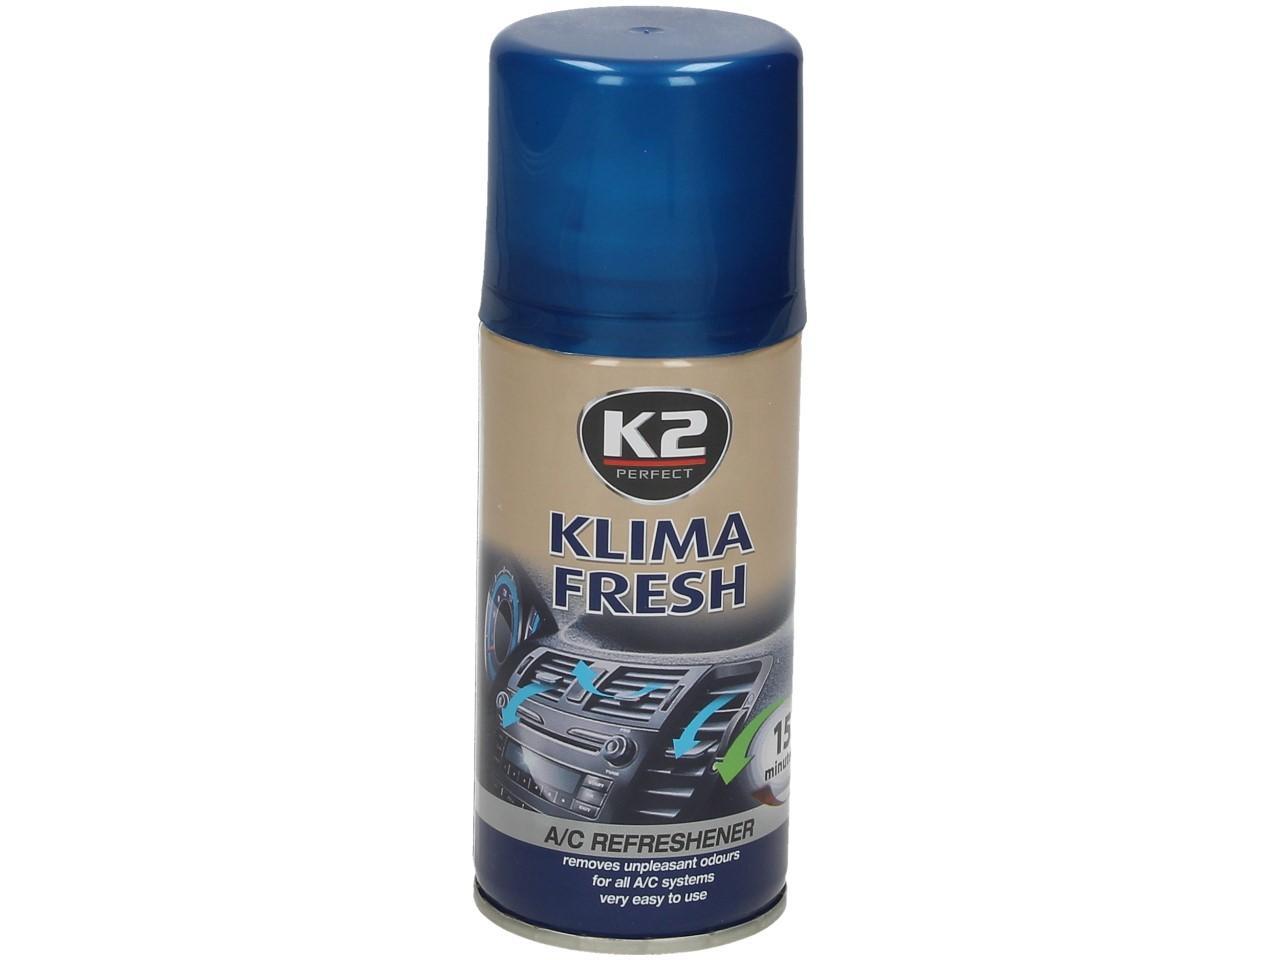 Foto 1 - K2 KLIMA FRESH 150 ml - osvěžuje vzduch interiéru vozu Vysoce efektivní a snadno použitelný prostředek pro osvěžení vzduchu ve vašem autě. Celý proces netrvá déle než několik minut. Vhodné pro použití do všech typů klimatizací